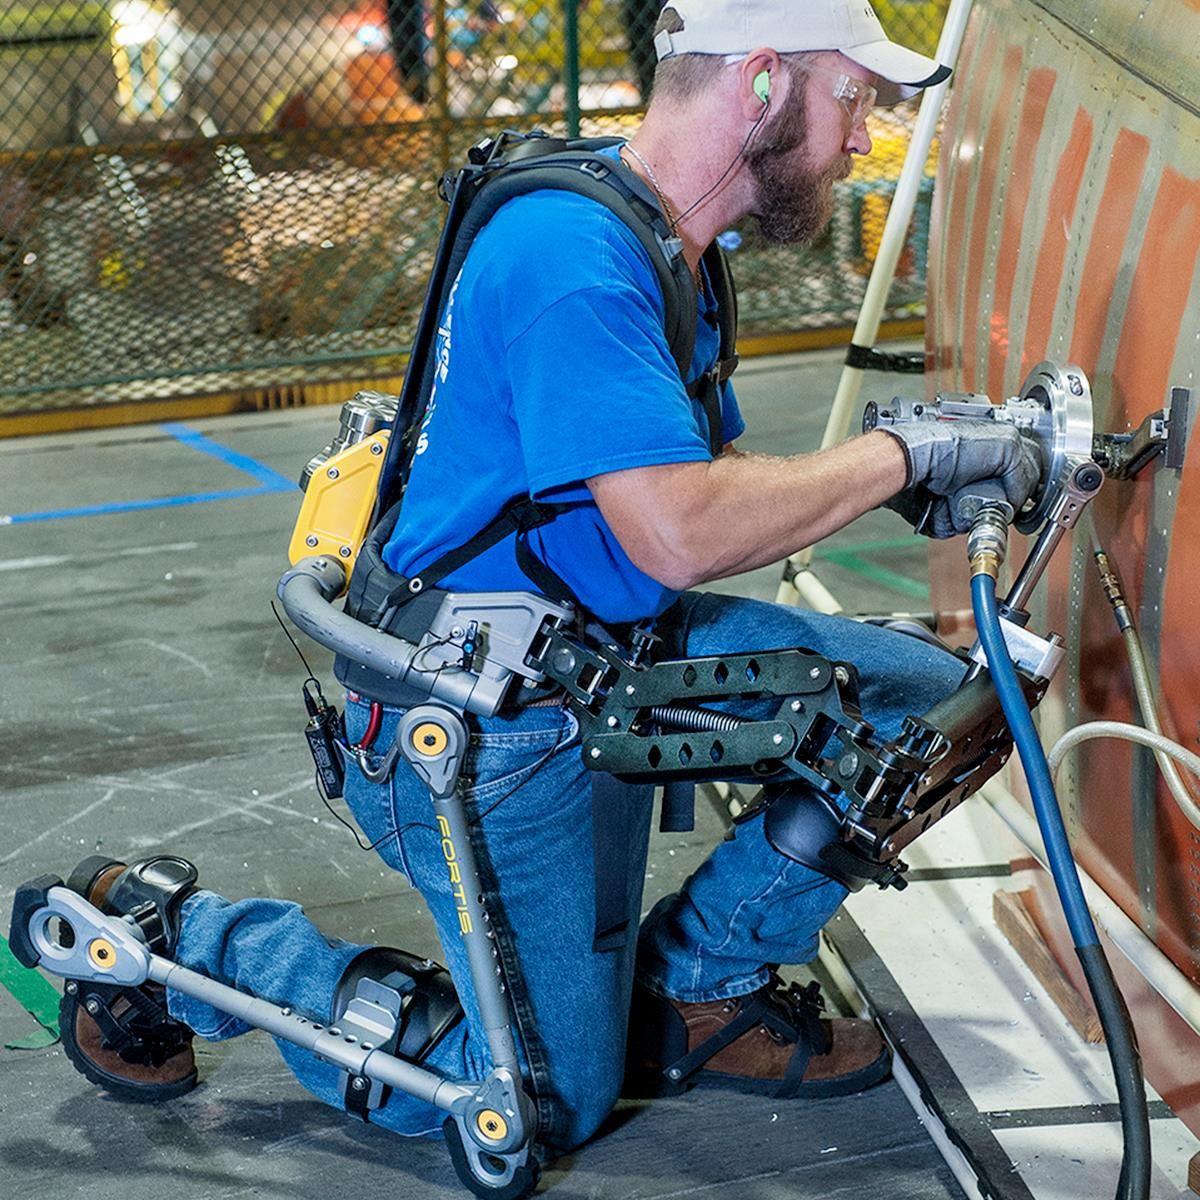 Rocketumblr Mechanical テクノロジー、技術、発明